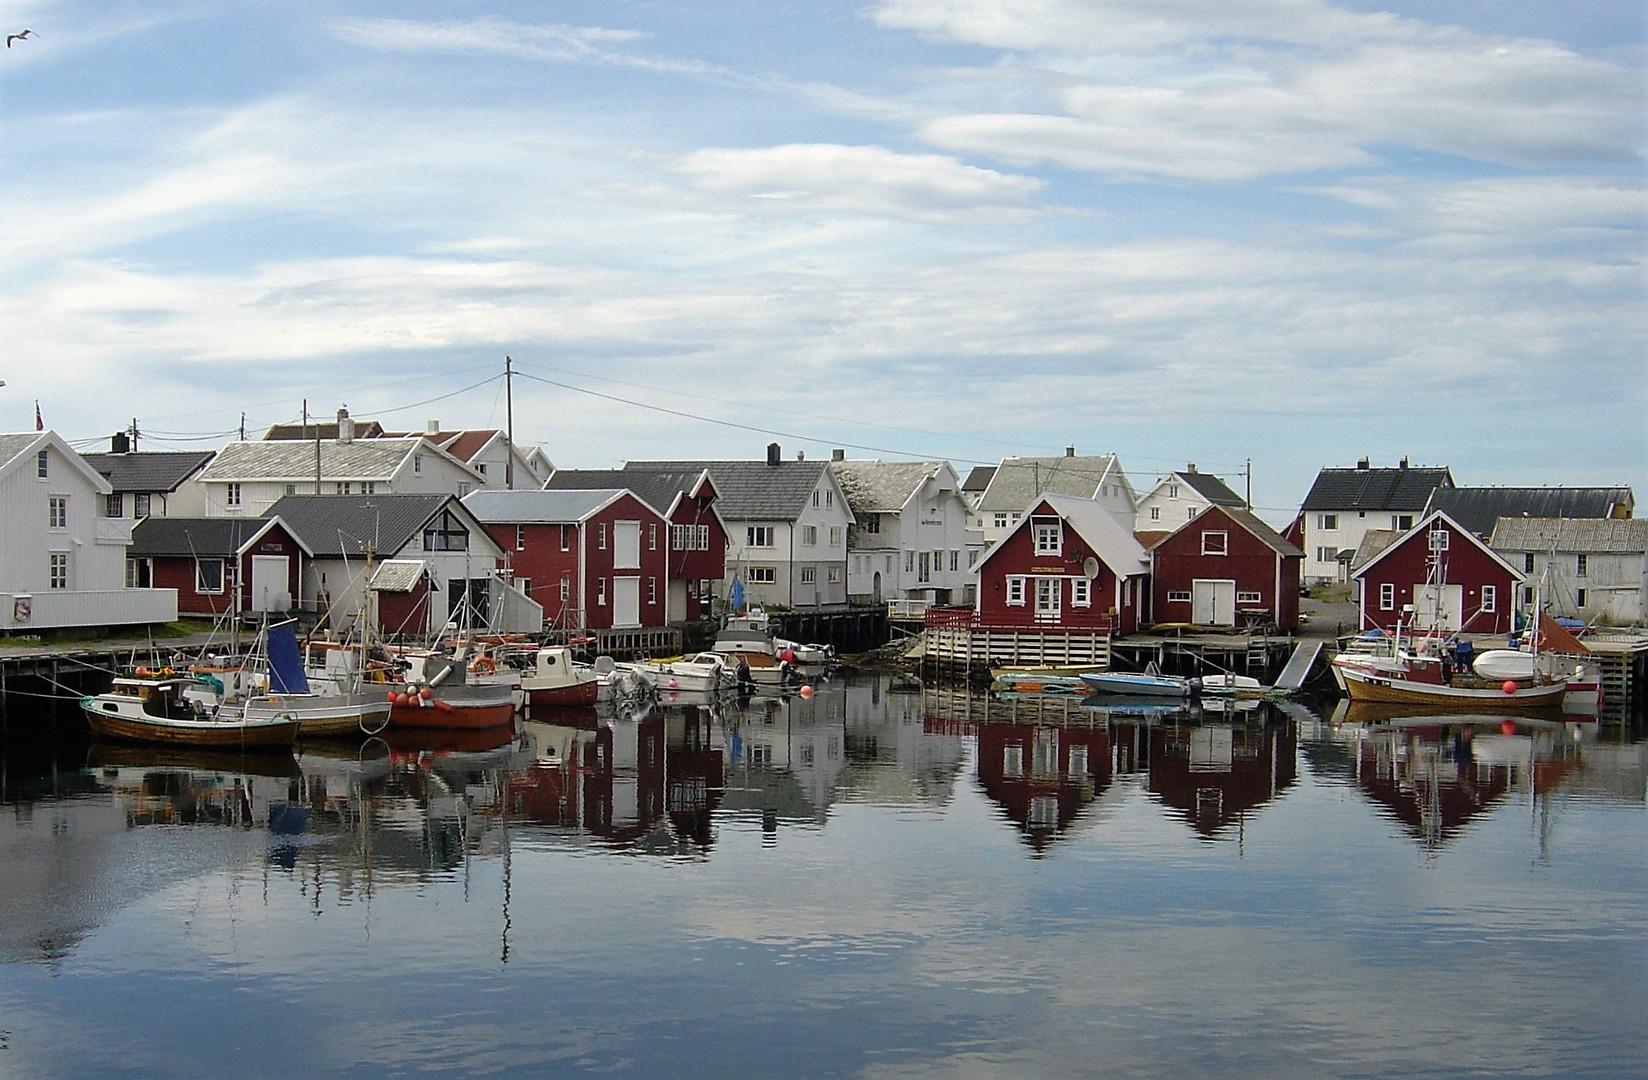 #501 kustby i norge